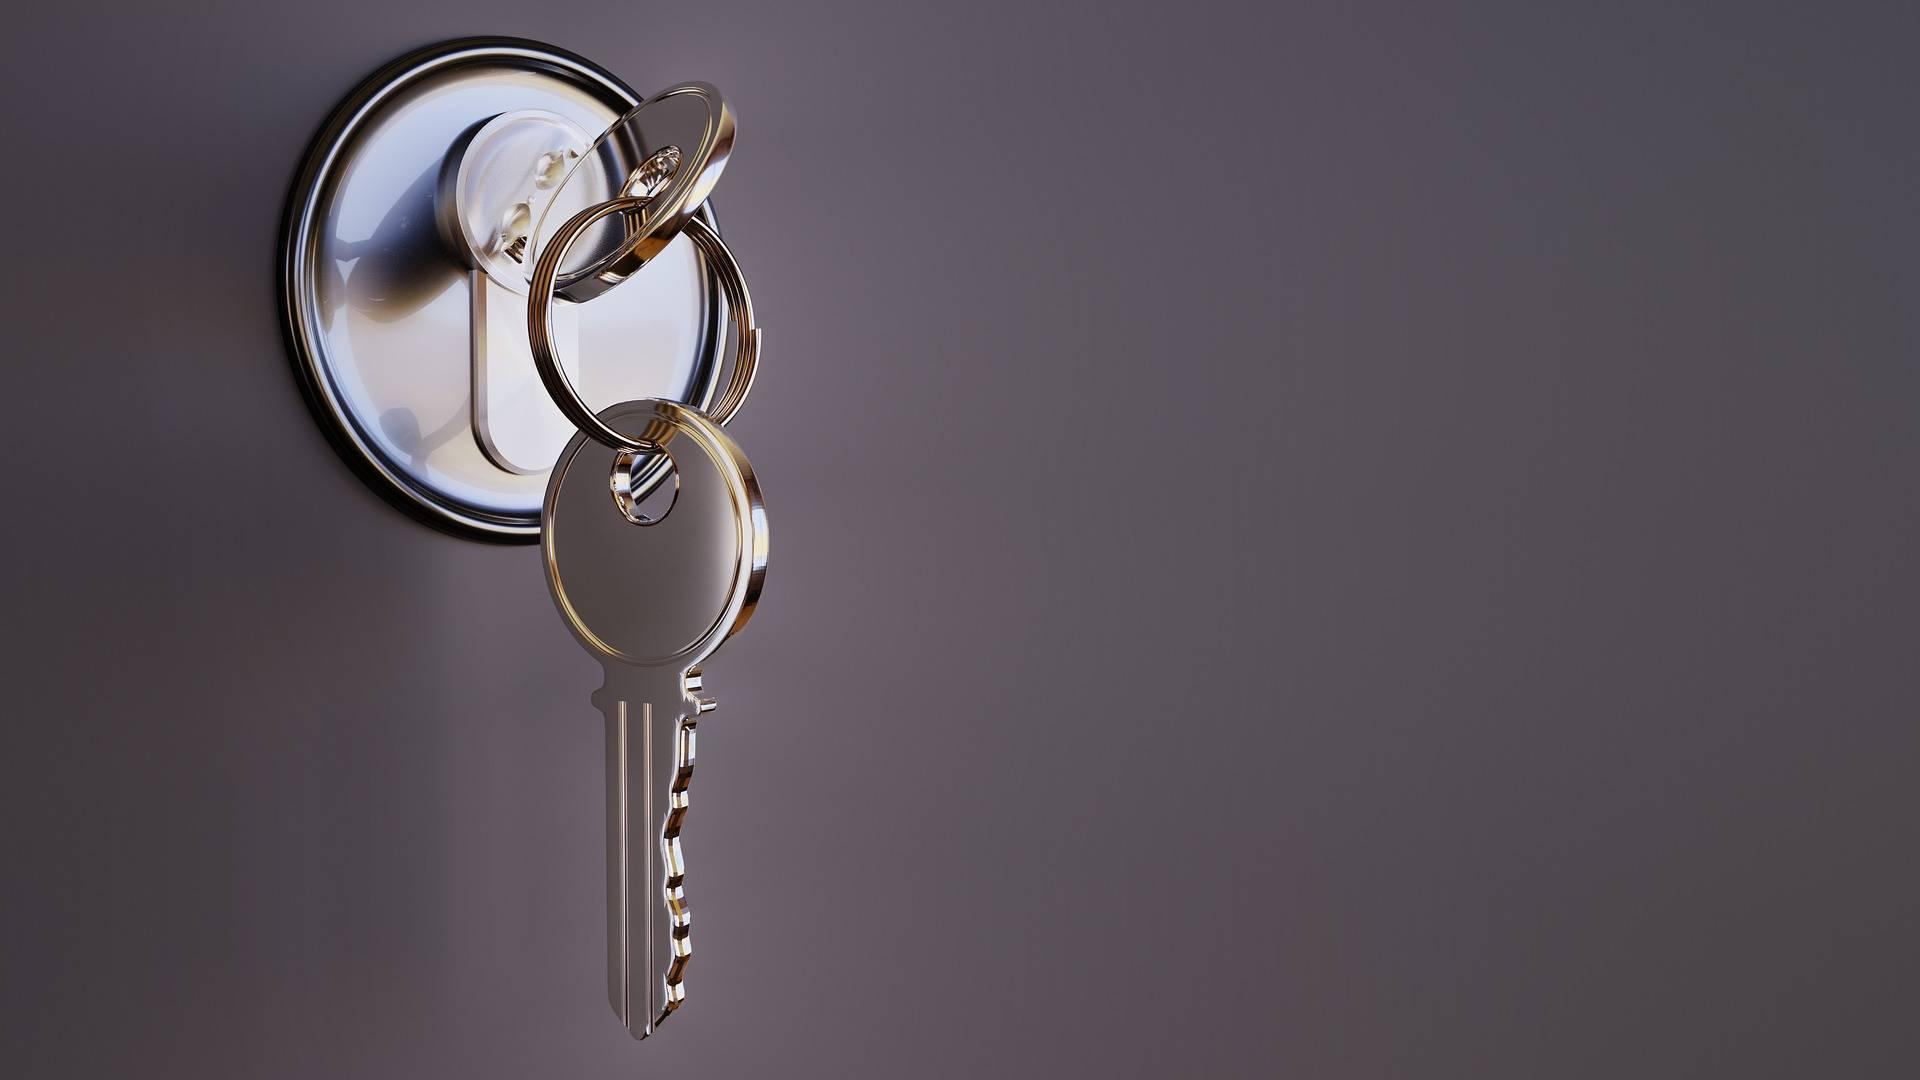 Schlüssel im Schloss abgebrochen: Was ist zu tun?